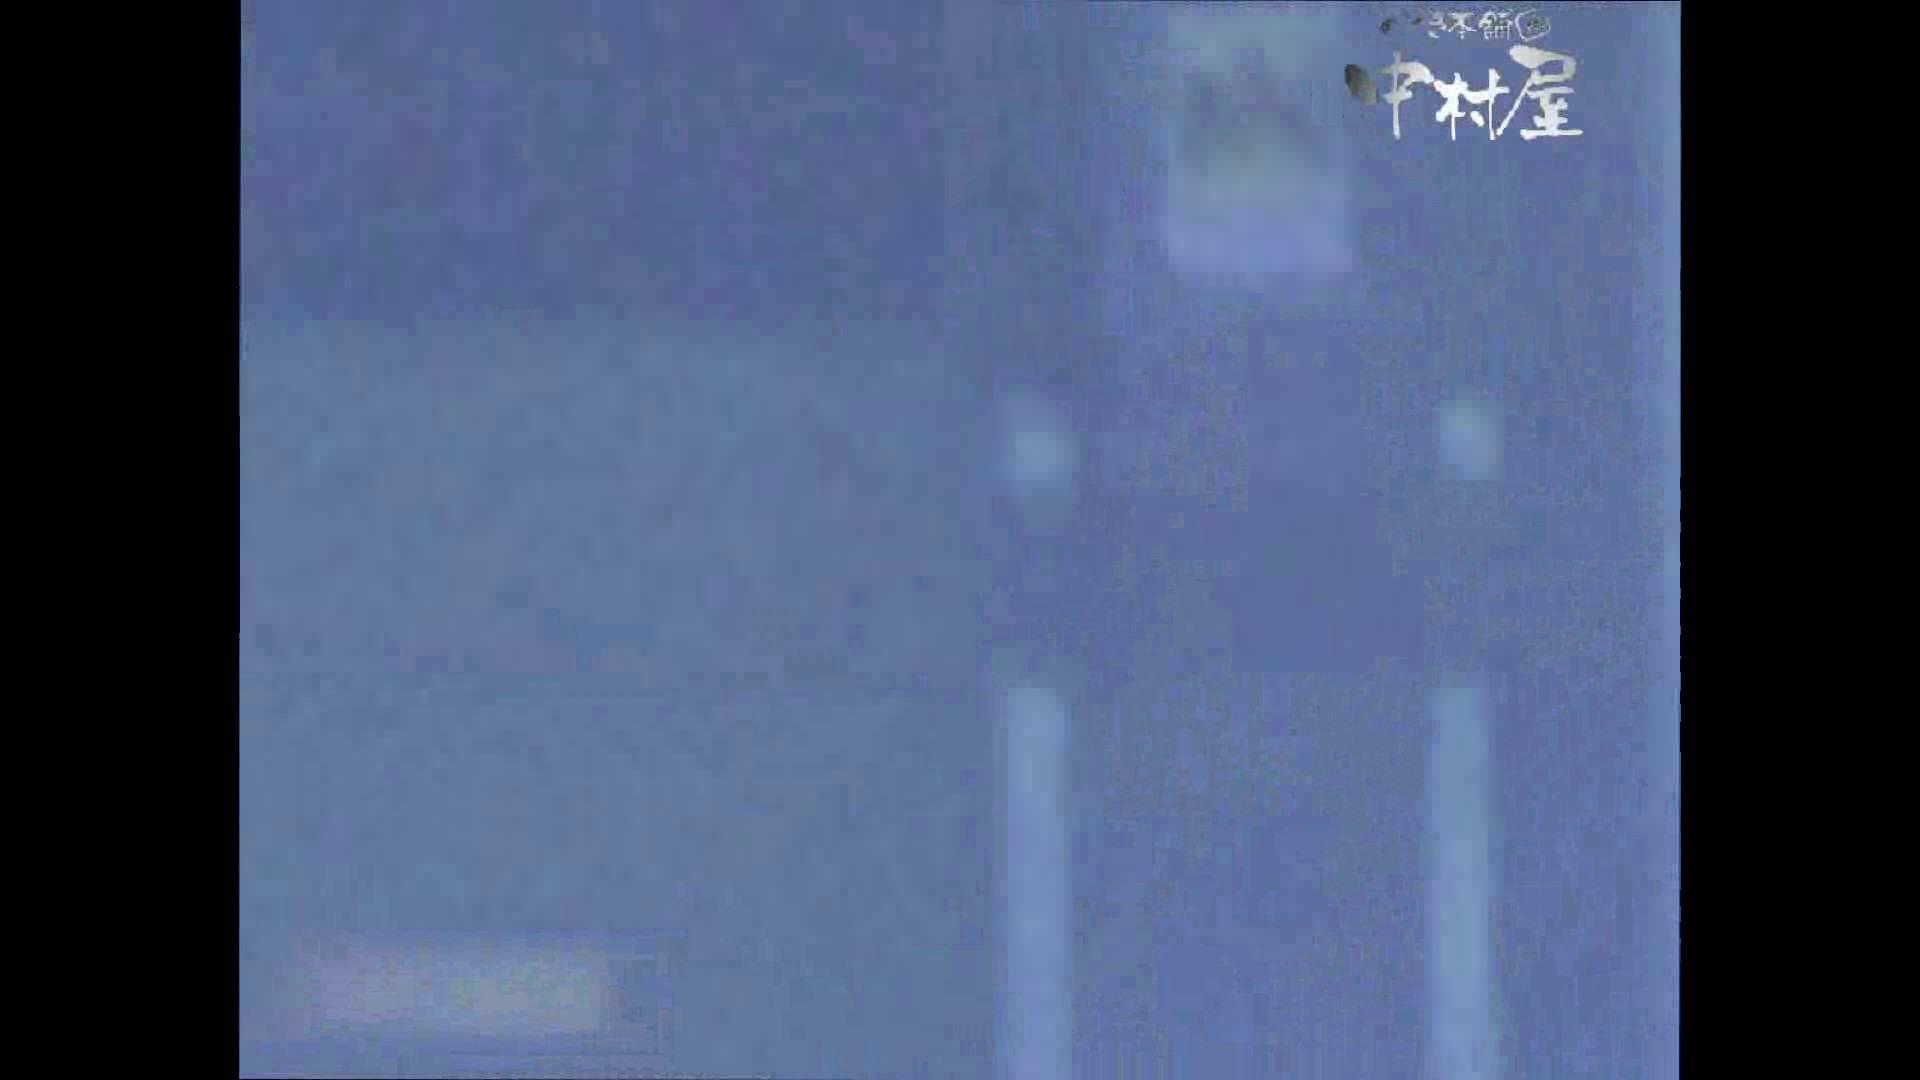 岩手県在住盗撮師盗撮記録vol.44 OLハメ撮り  59Pix 7